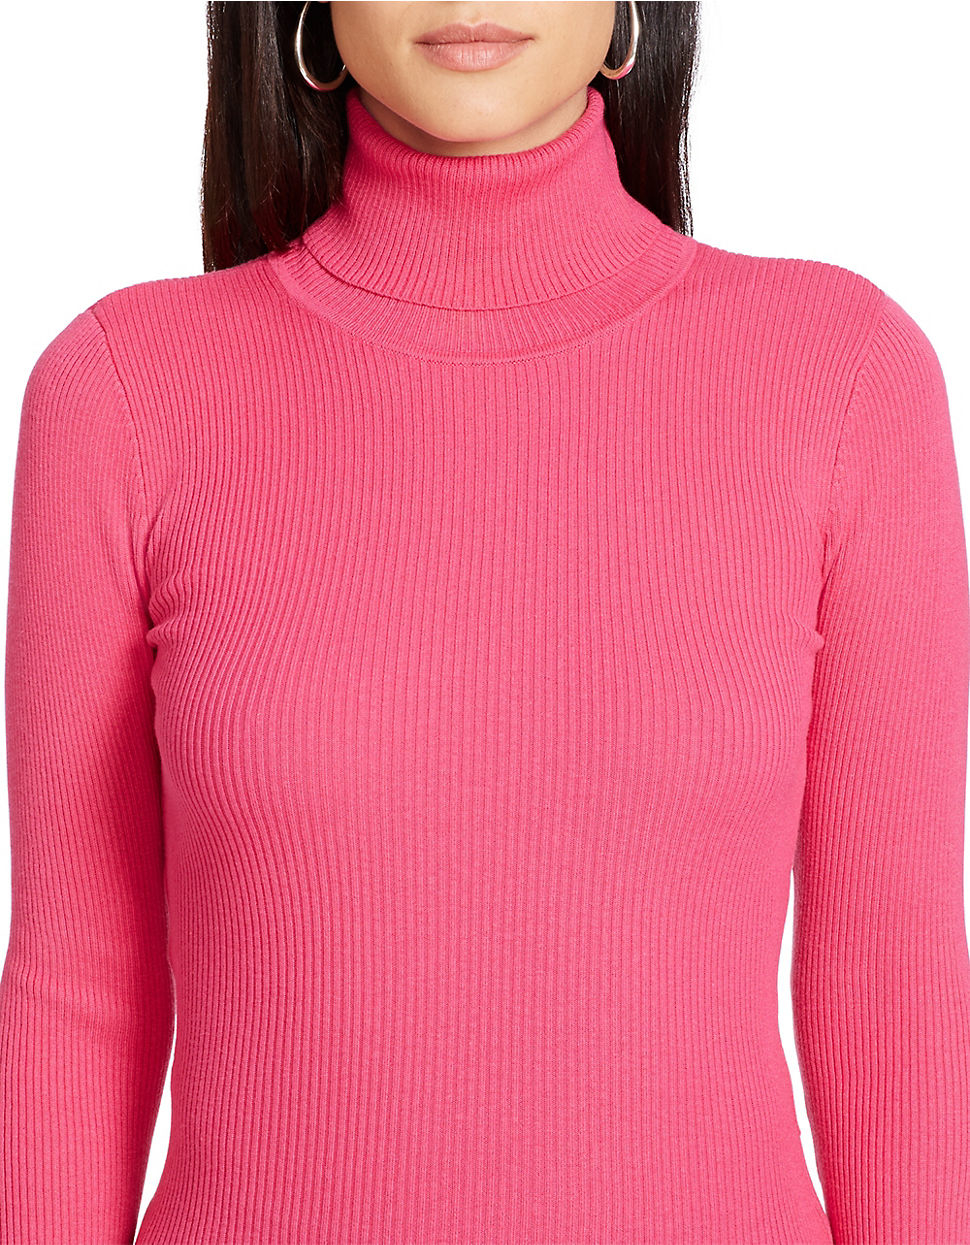 Lauren by ralph lauren Ribbed Turtleneck Sweater in Pink | Lyst